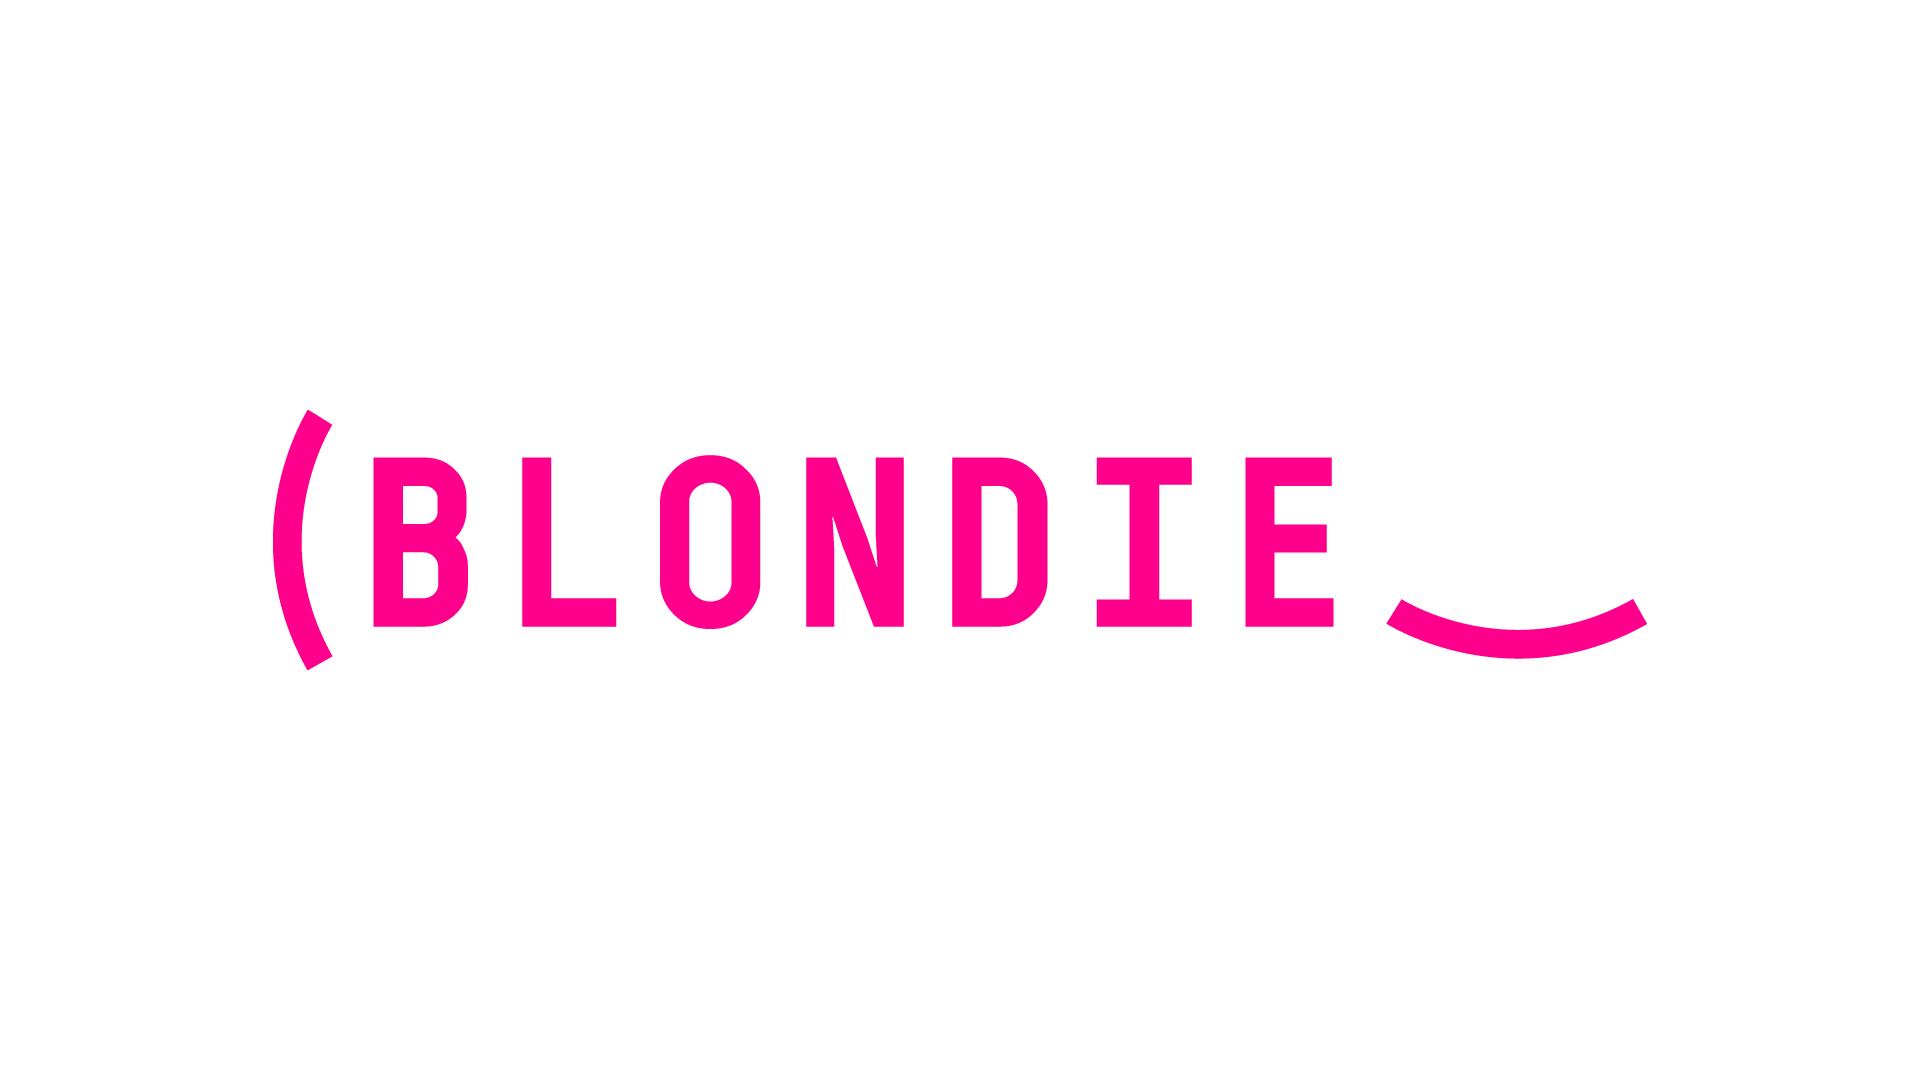 Asociatia Blondie logo